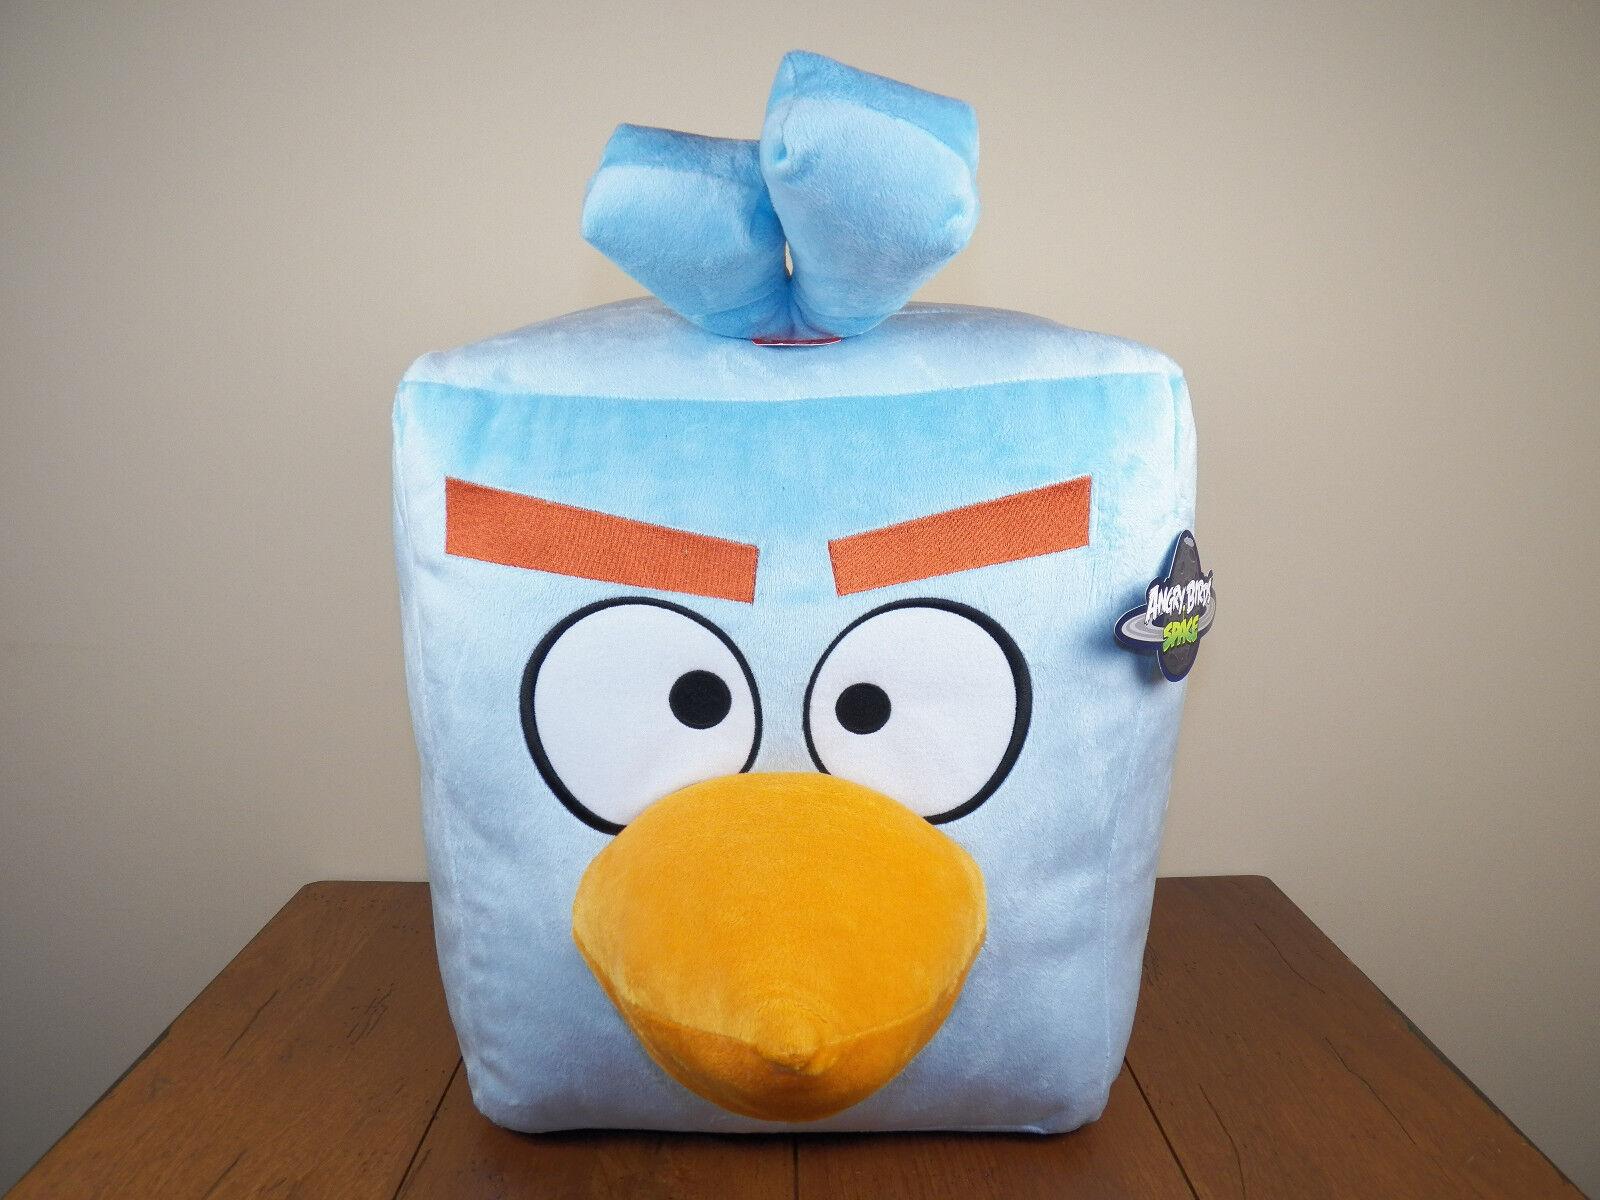 Angry Birds bluee Ice Bird 24  Plush Stuffed Animal Doll W  Sound NEW W  TAGS